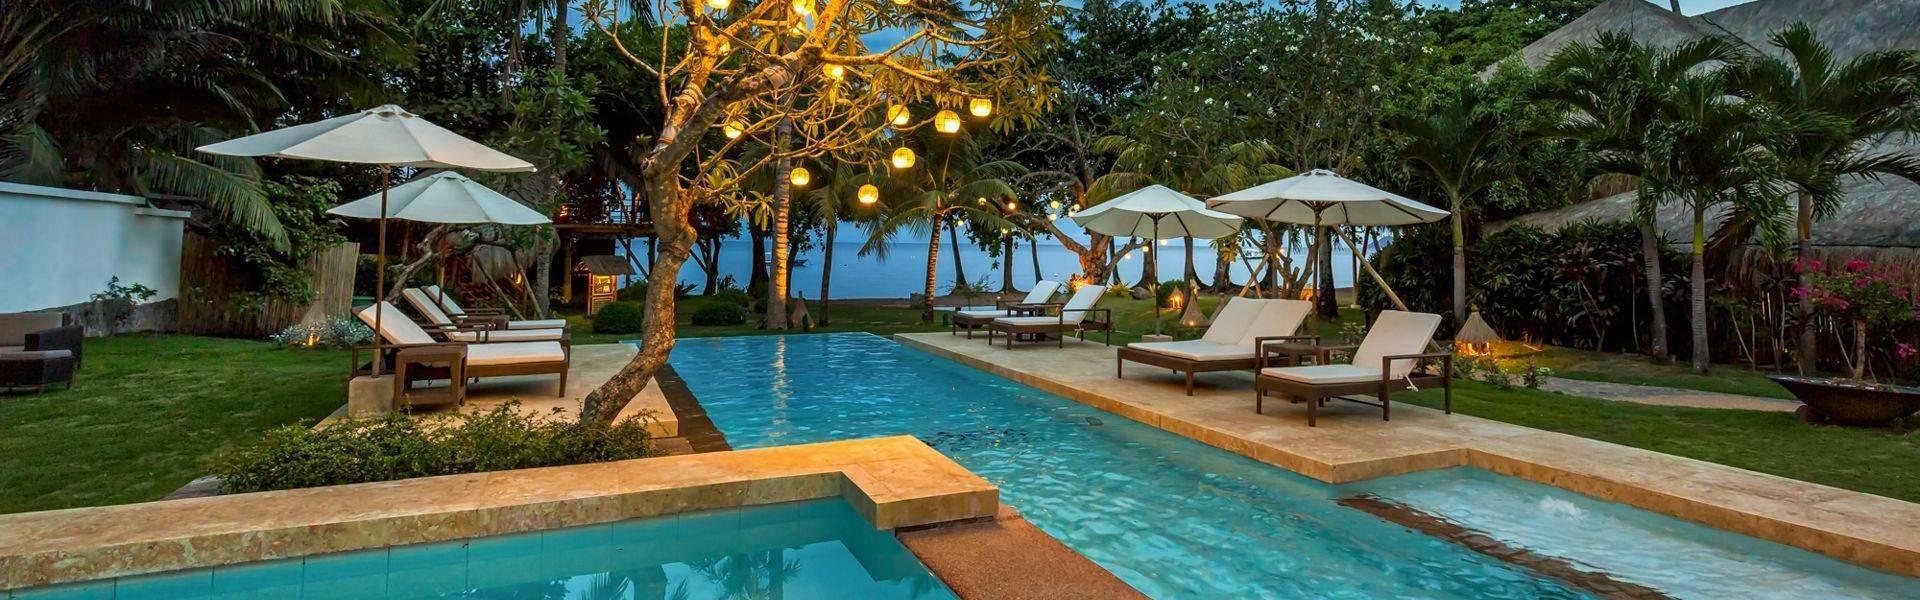 Atmosphere-Resort-lounge-pool.jpg